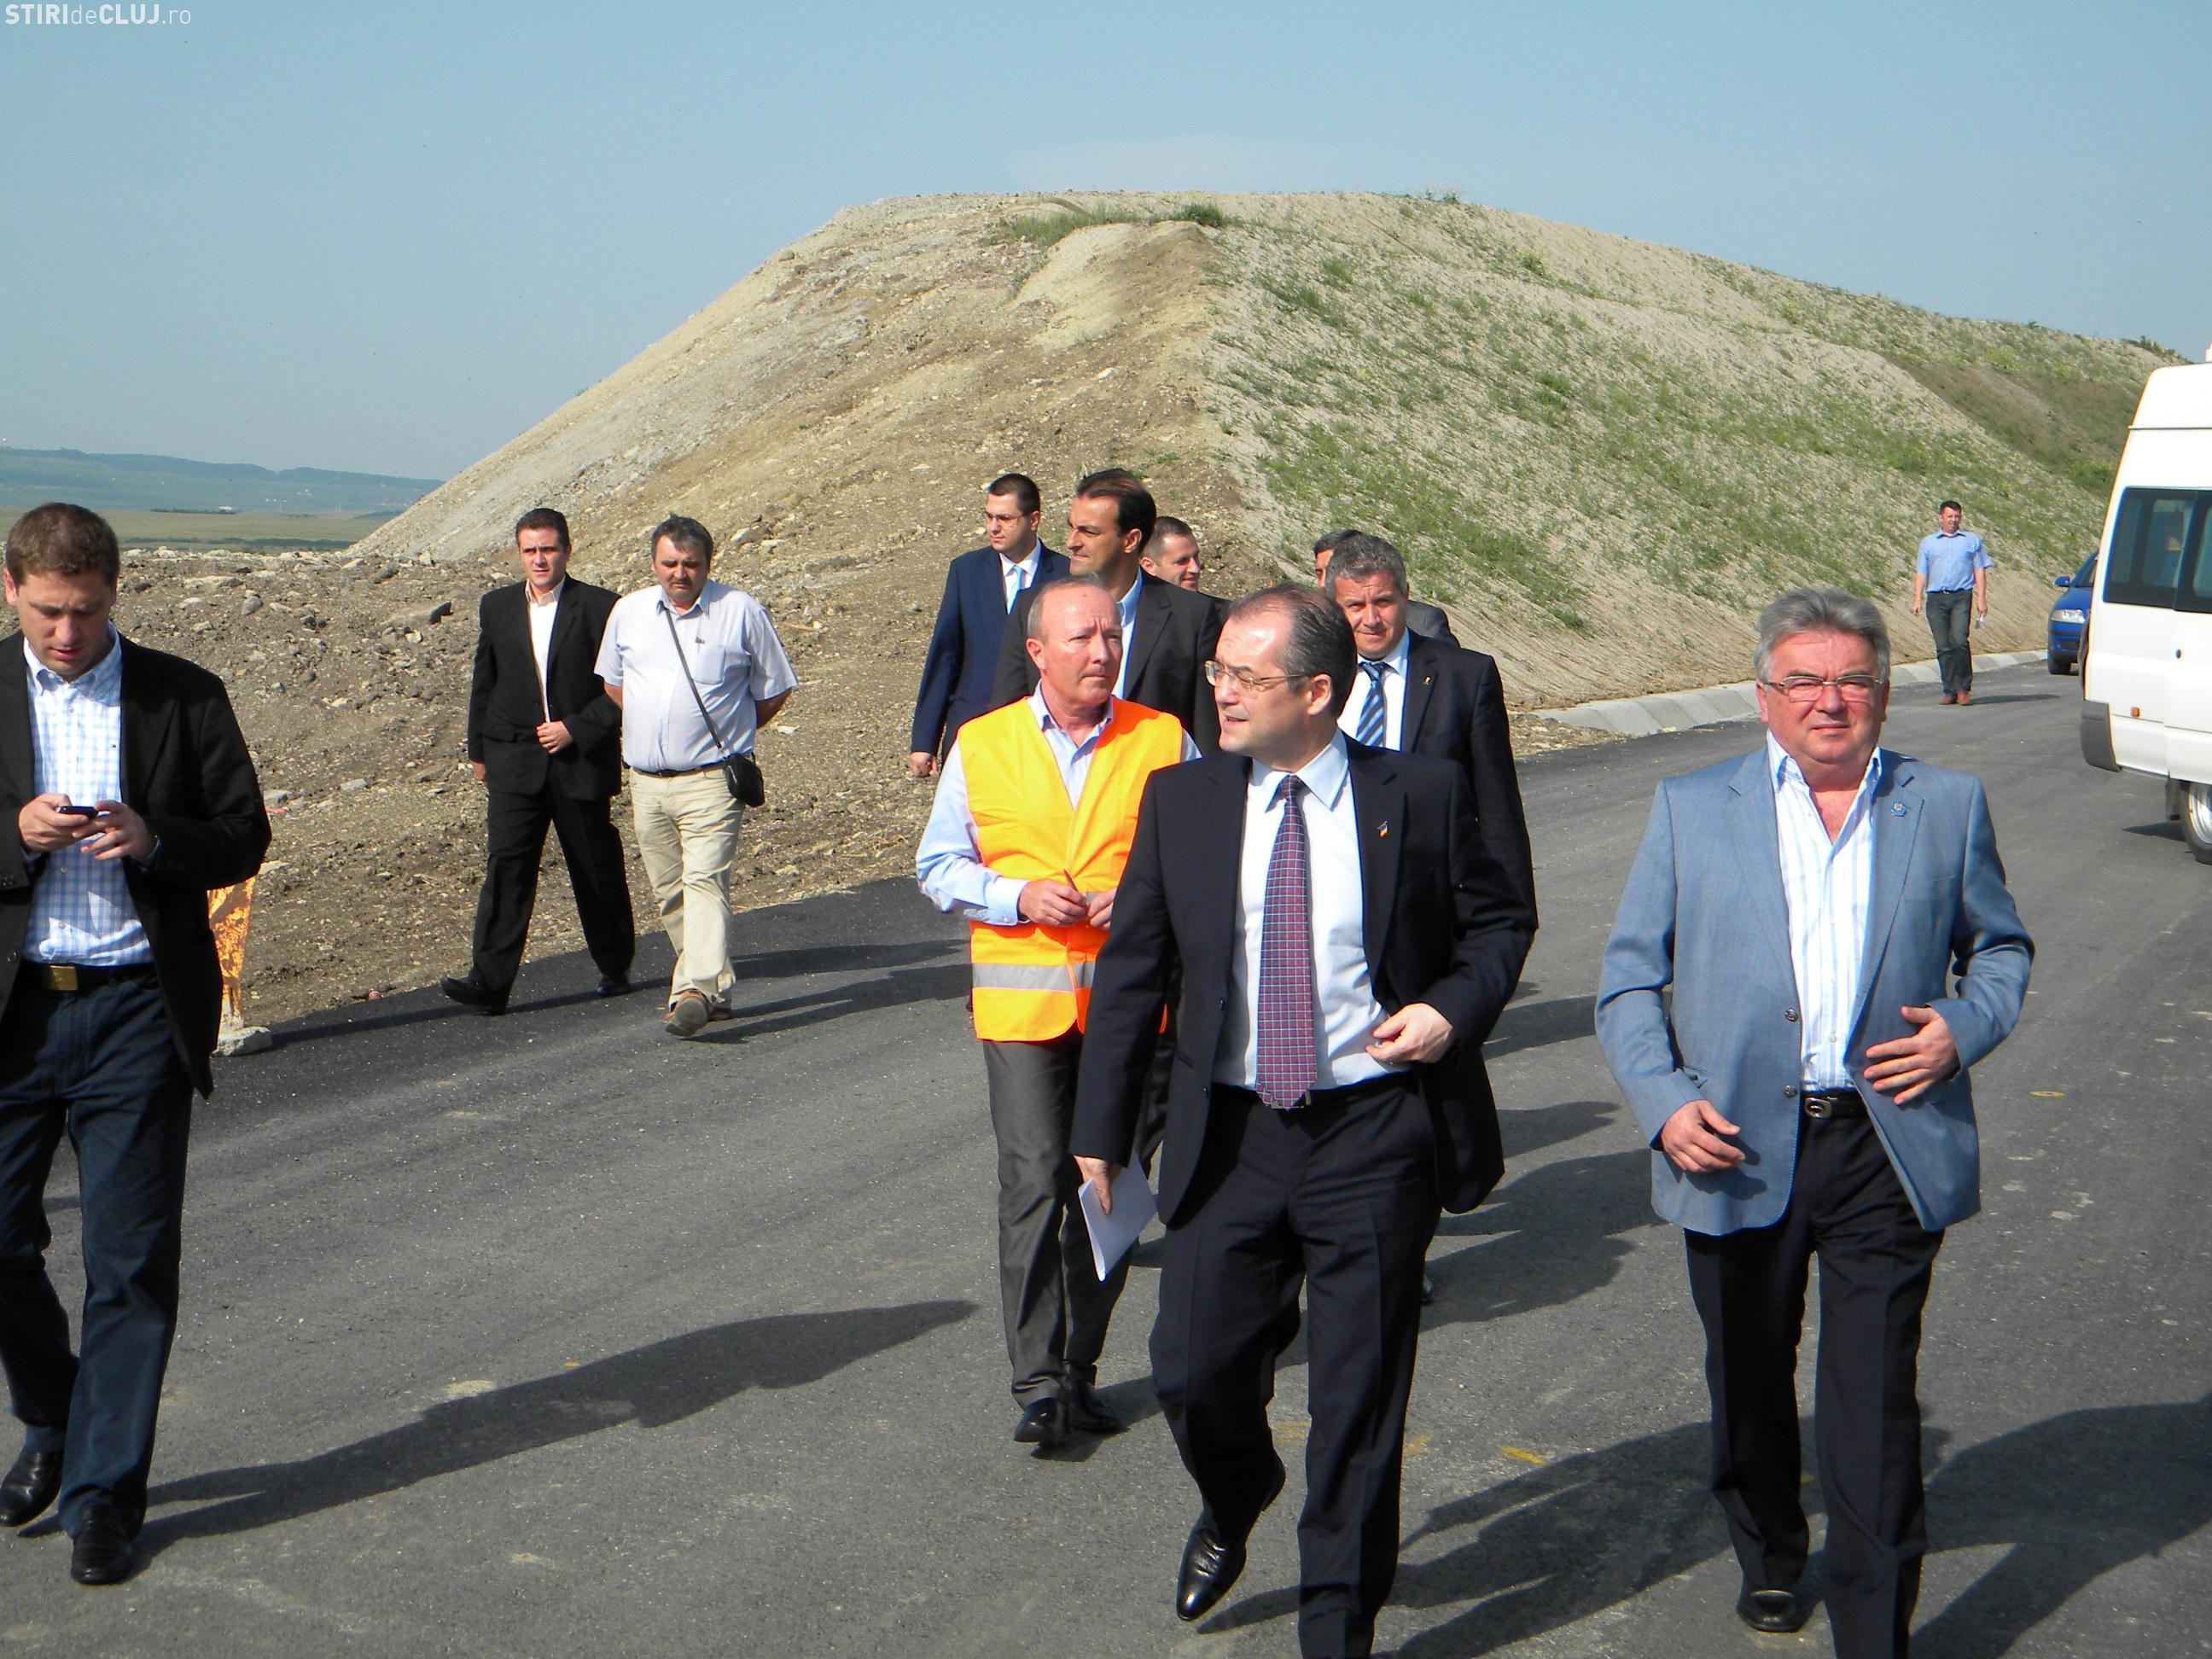 Boc îl avertizează pe Șova: Nu începeți și autostrada Târgu Mureș - Iași. Avem unde investi banii - VIDEO